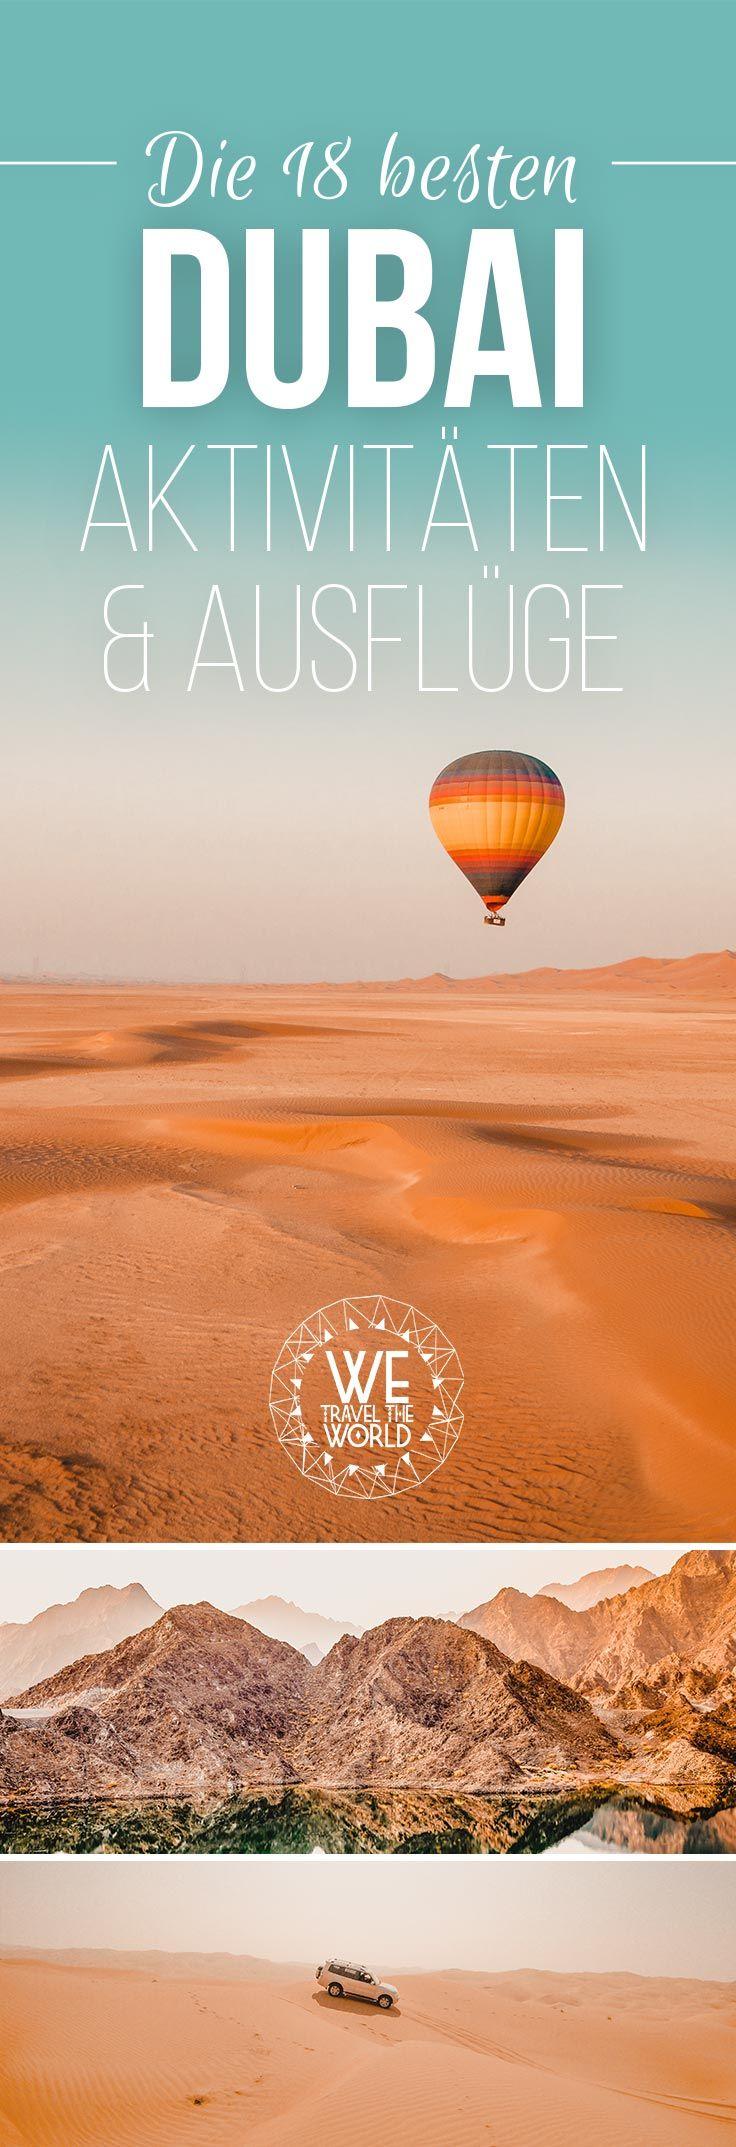 Dubai Urlaub: Wir haben dir die besten Dubai Aktivitäten und Ausflüge für deine Dubai Reise zusammen gestellt. Viel Spaß beim Lesen!